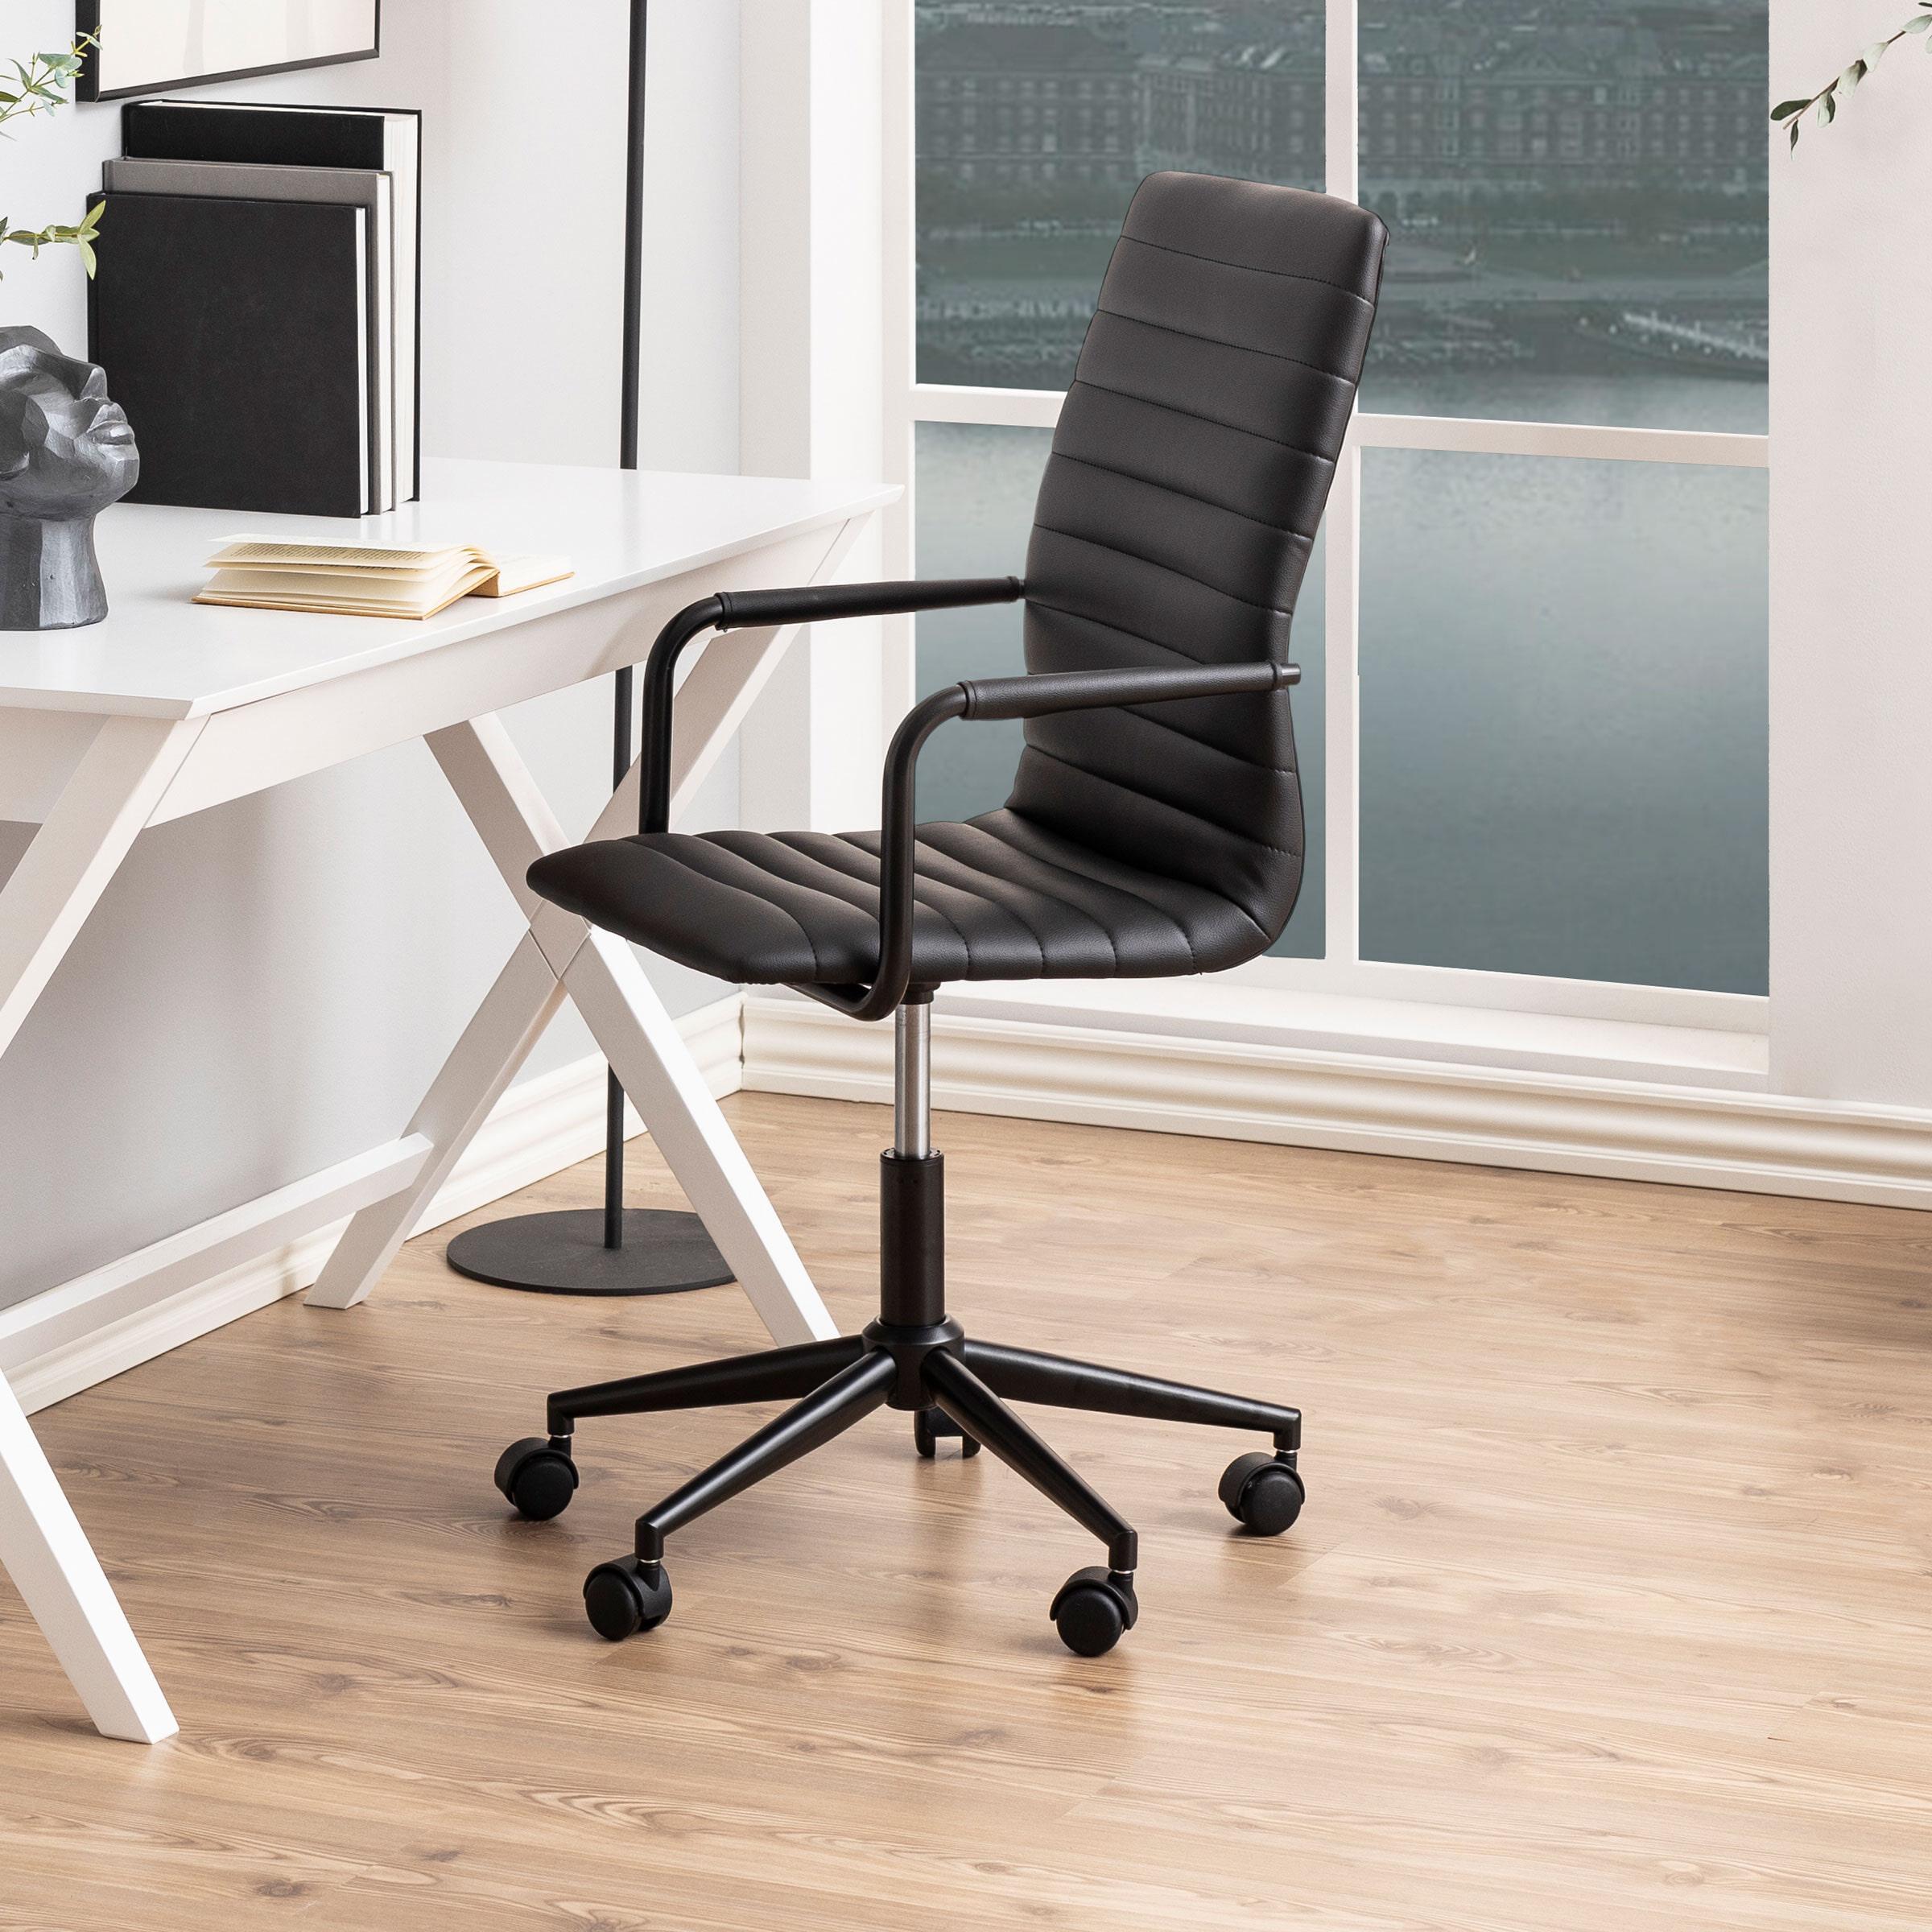 Bureaustoel 'Maria' PU-leder, kleur zwart